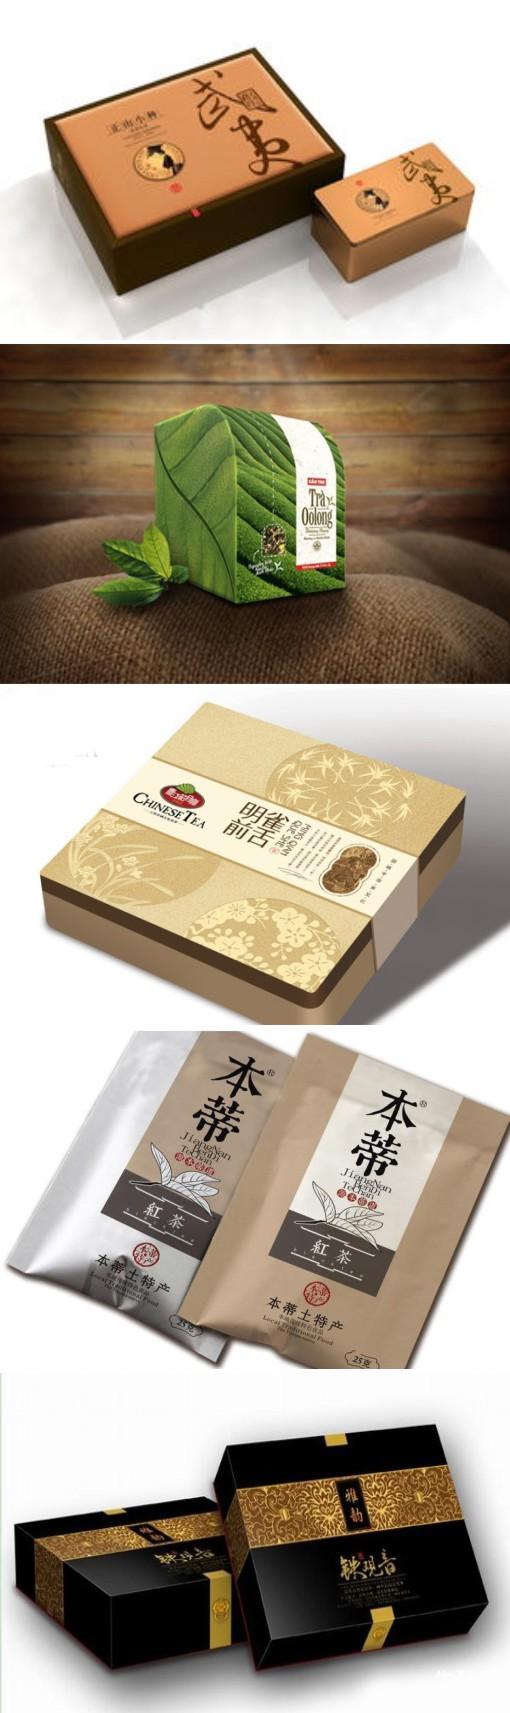 一组茶叶包装设计欣赏